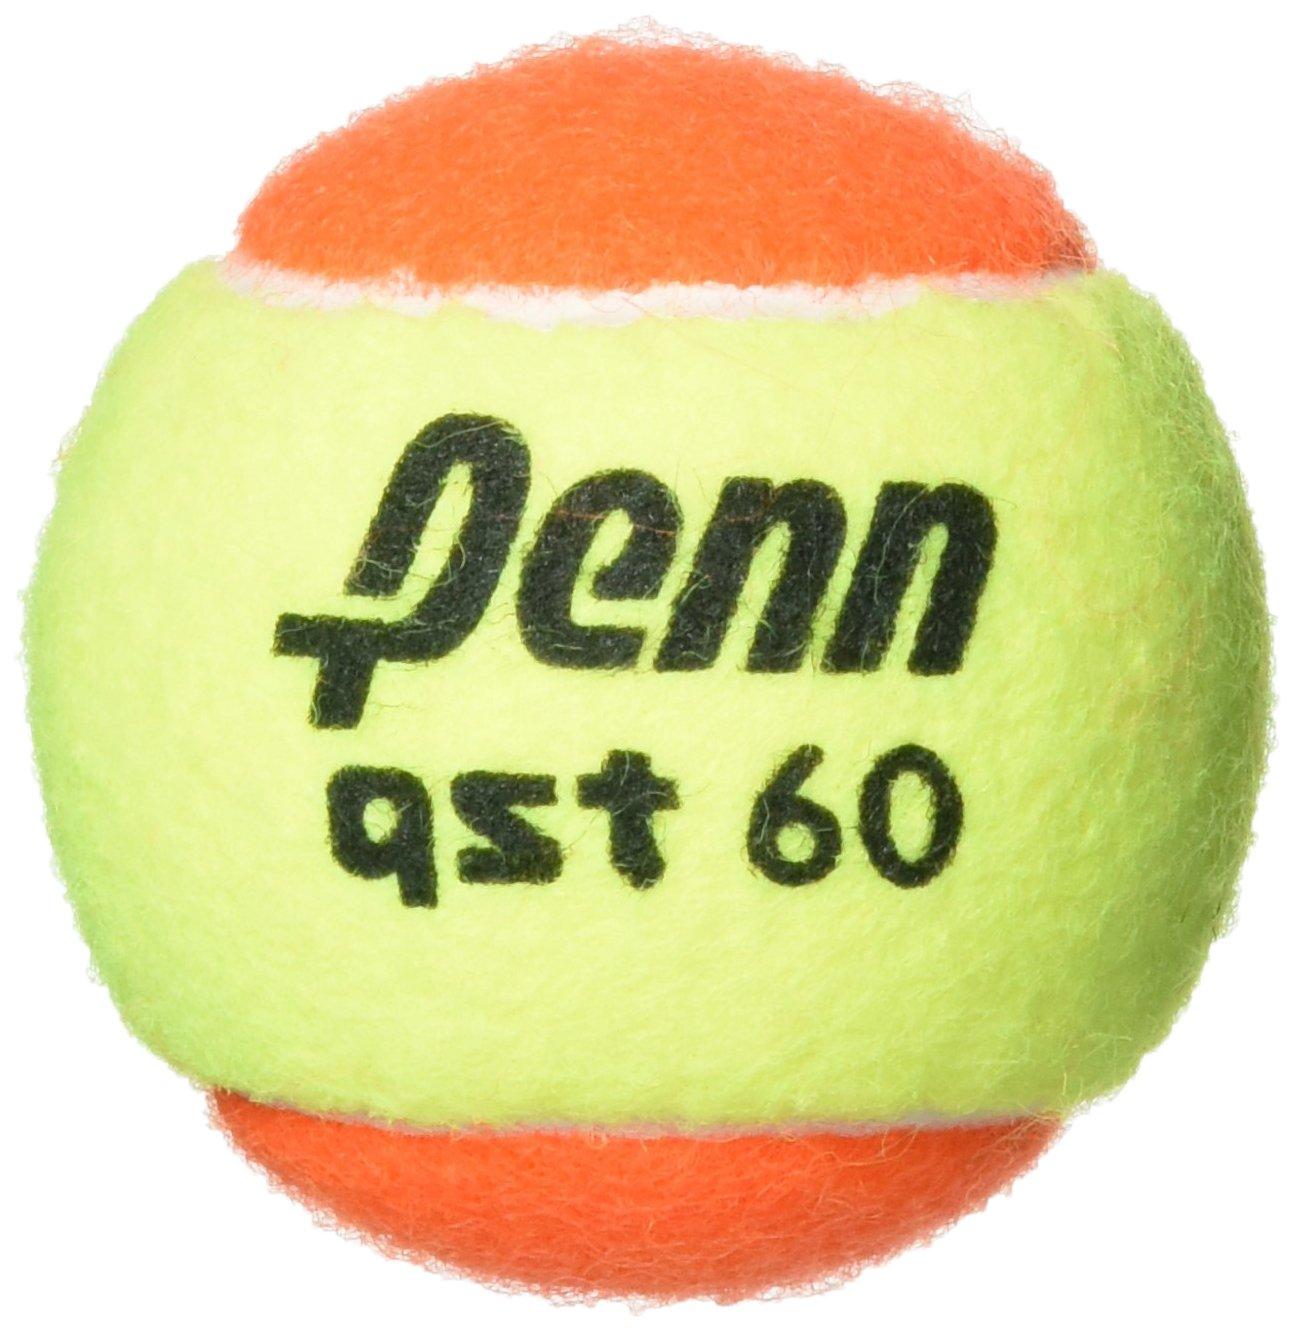 Penn QST 60 Felt Tennis Balls, 12 Ball Polybag